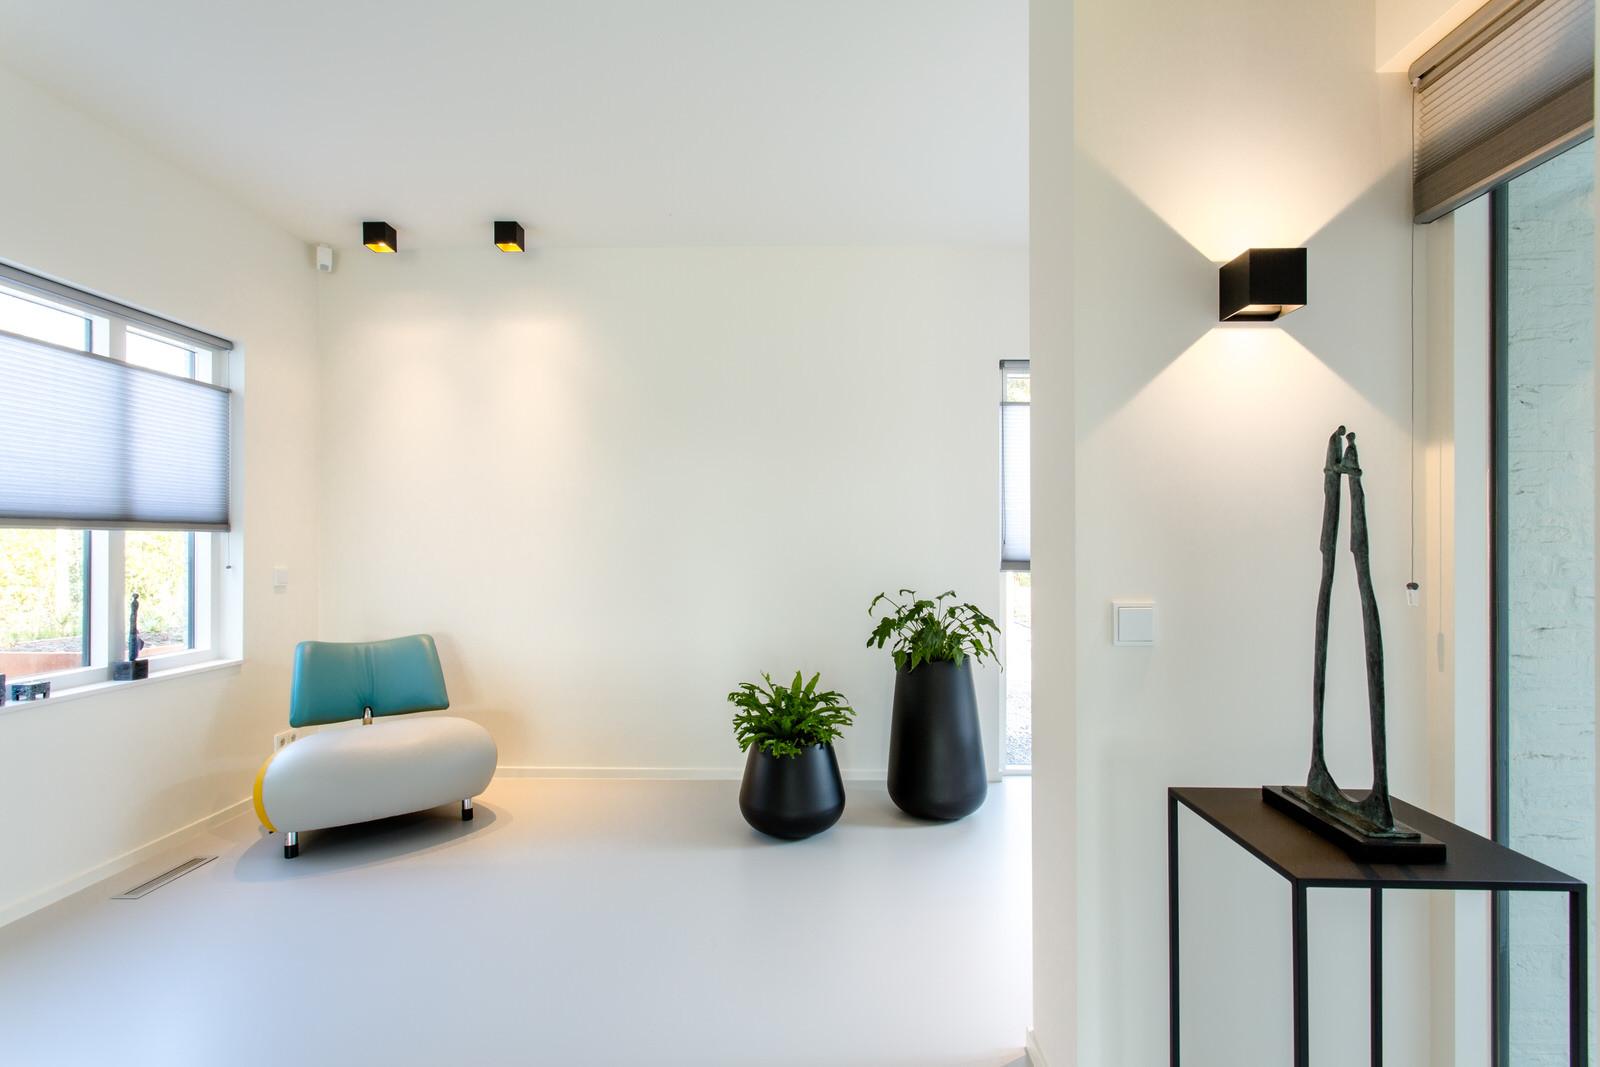 Lichtstudio vd Bosch, Deil-12-1.jpg   van den Bosch Verlichting   Home